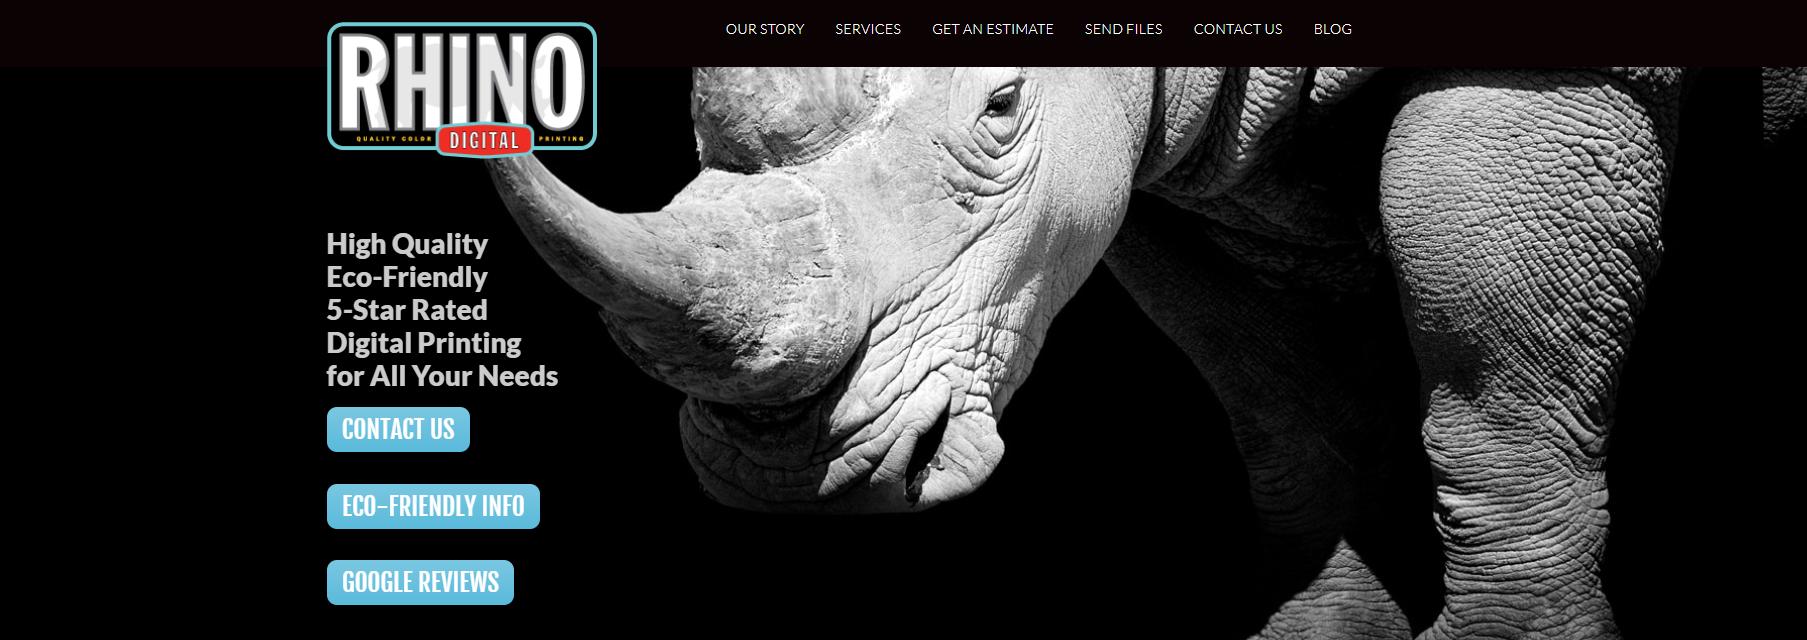 Rhino Digital Printing